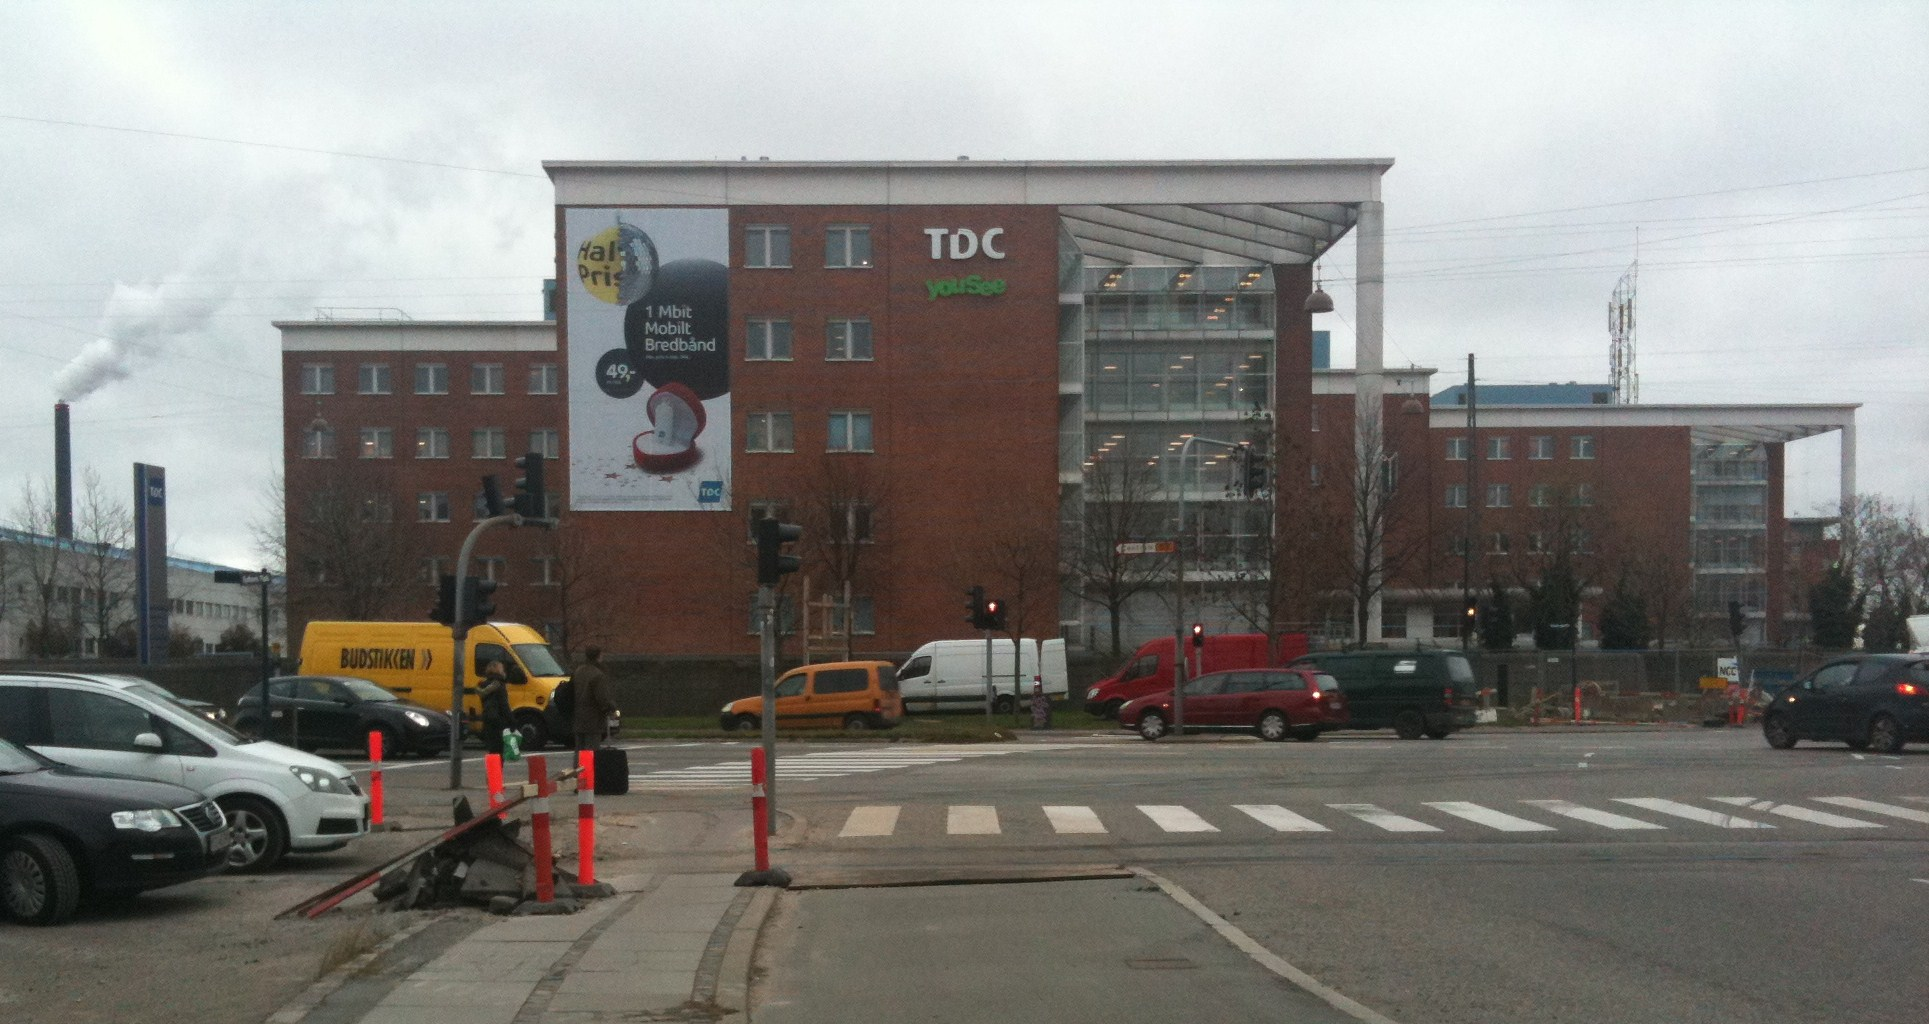 tdc fiber kampagne